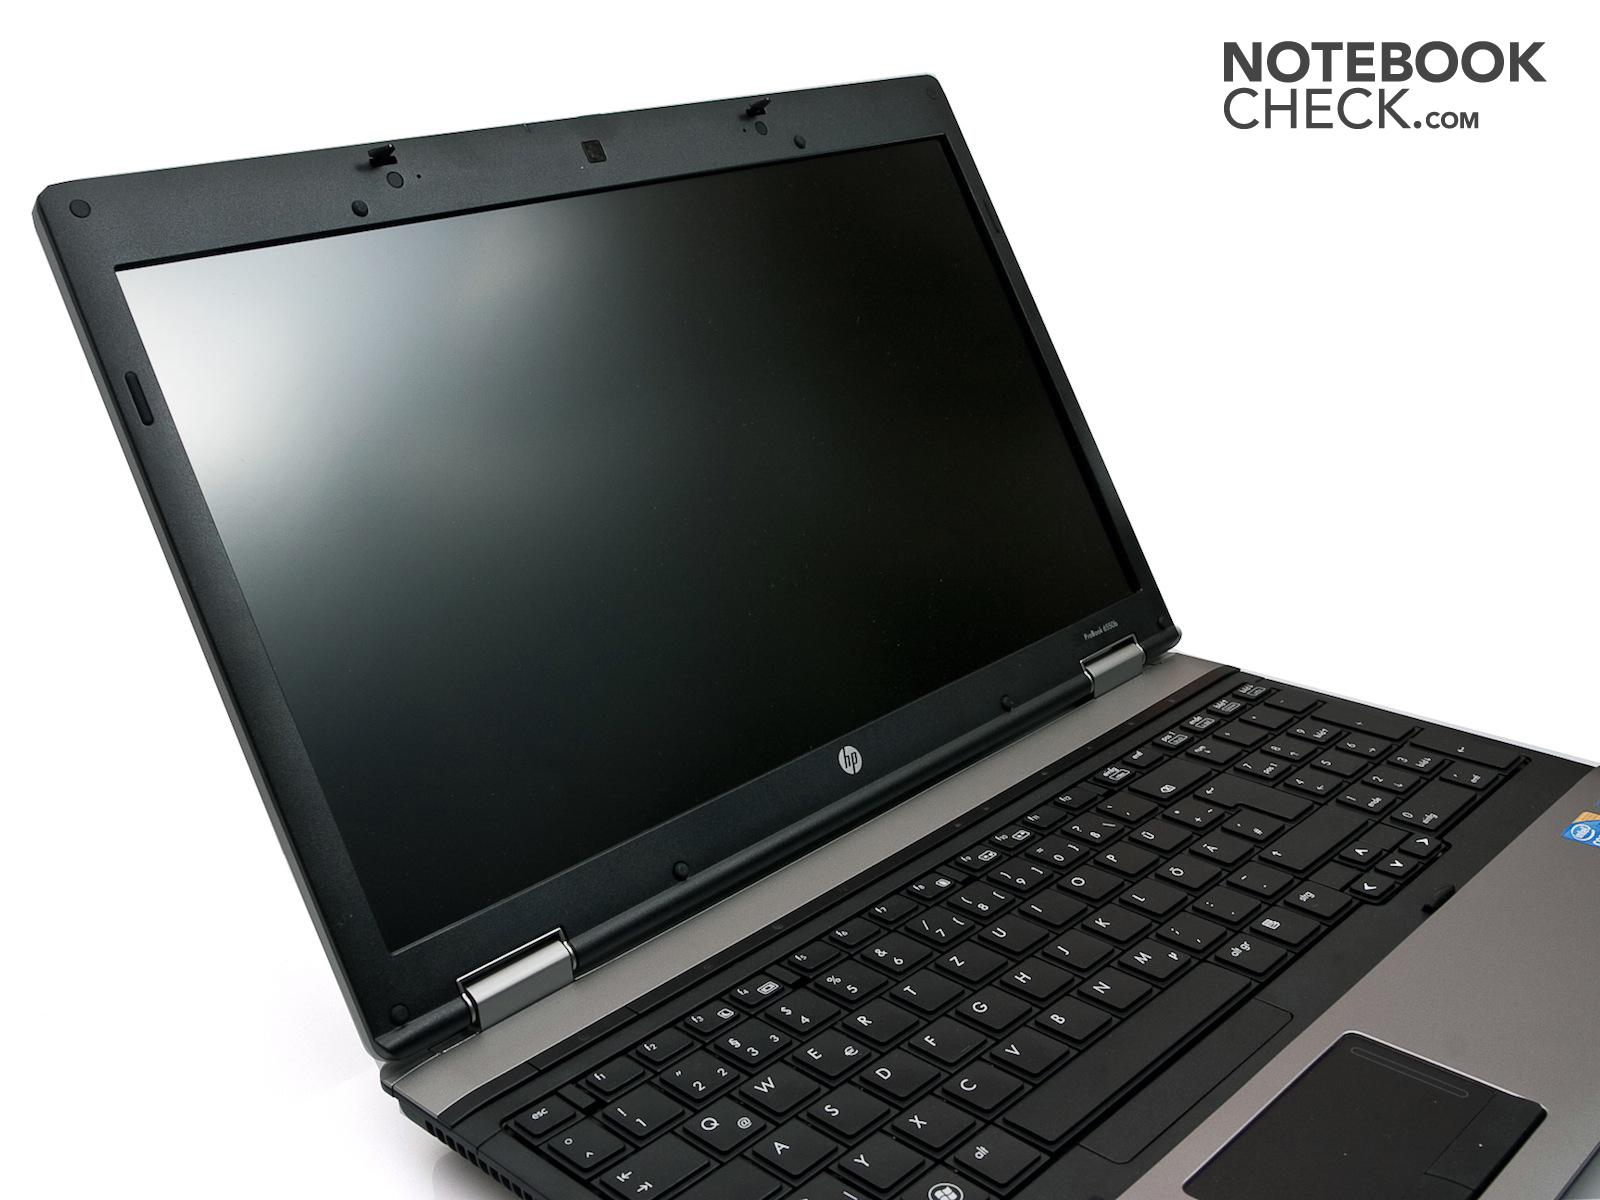 Review HP ProBook 6550b Notebook - NotebookCheck.net Reviews